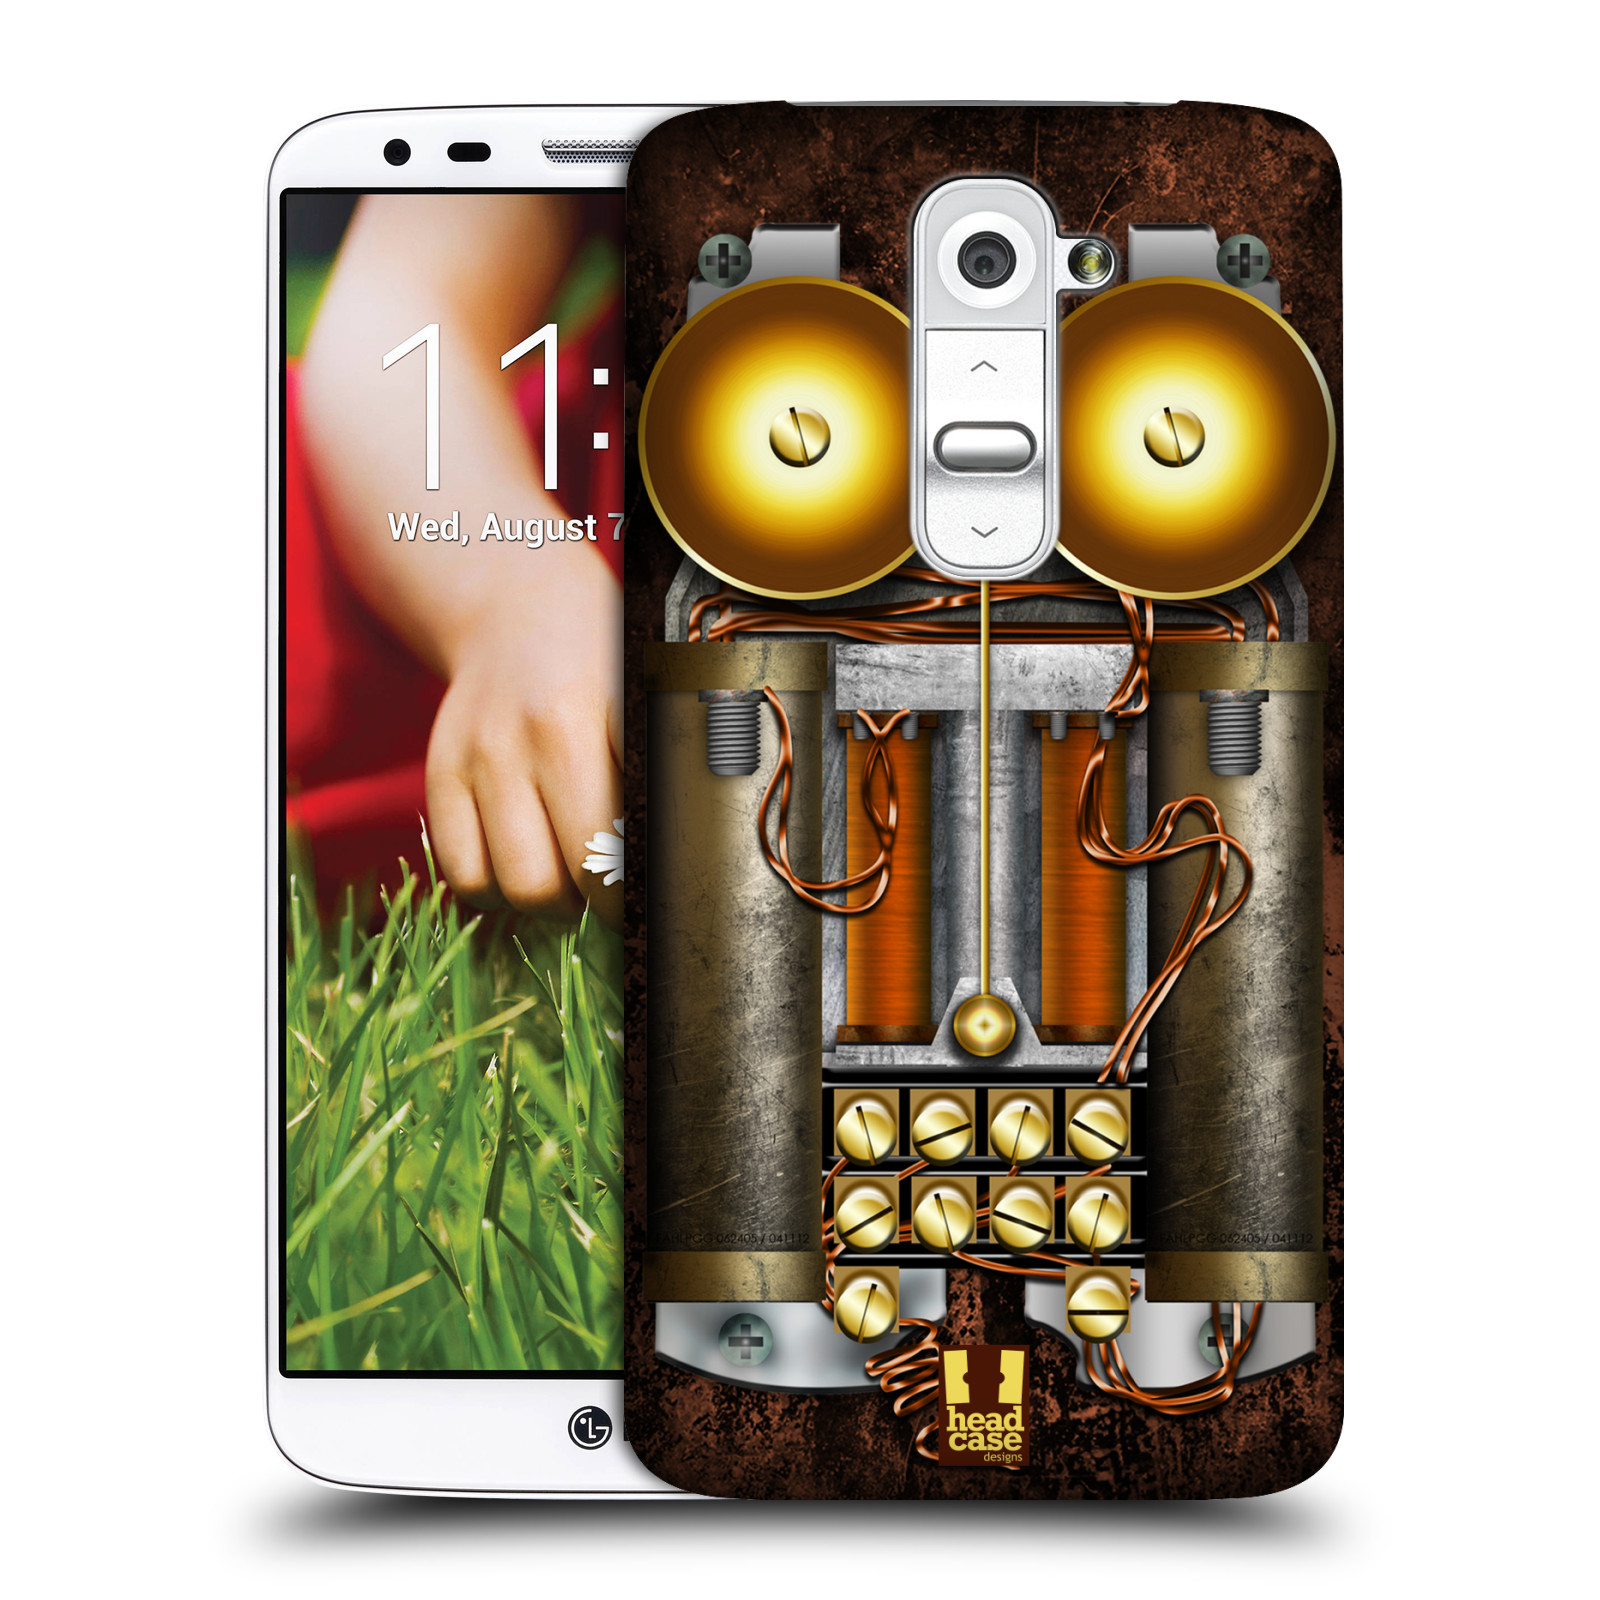 Plastové pouzdro na mobil LG G2 HEAD CASE STEAMPUNK TELEFON (Kryt či obal na mobilní telefon LG G2 D802)